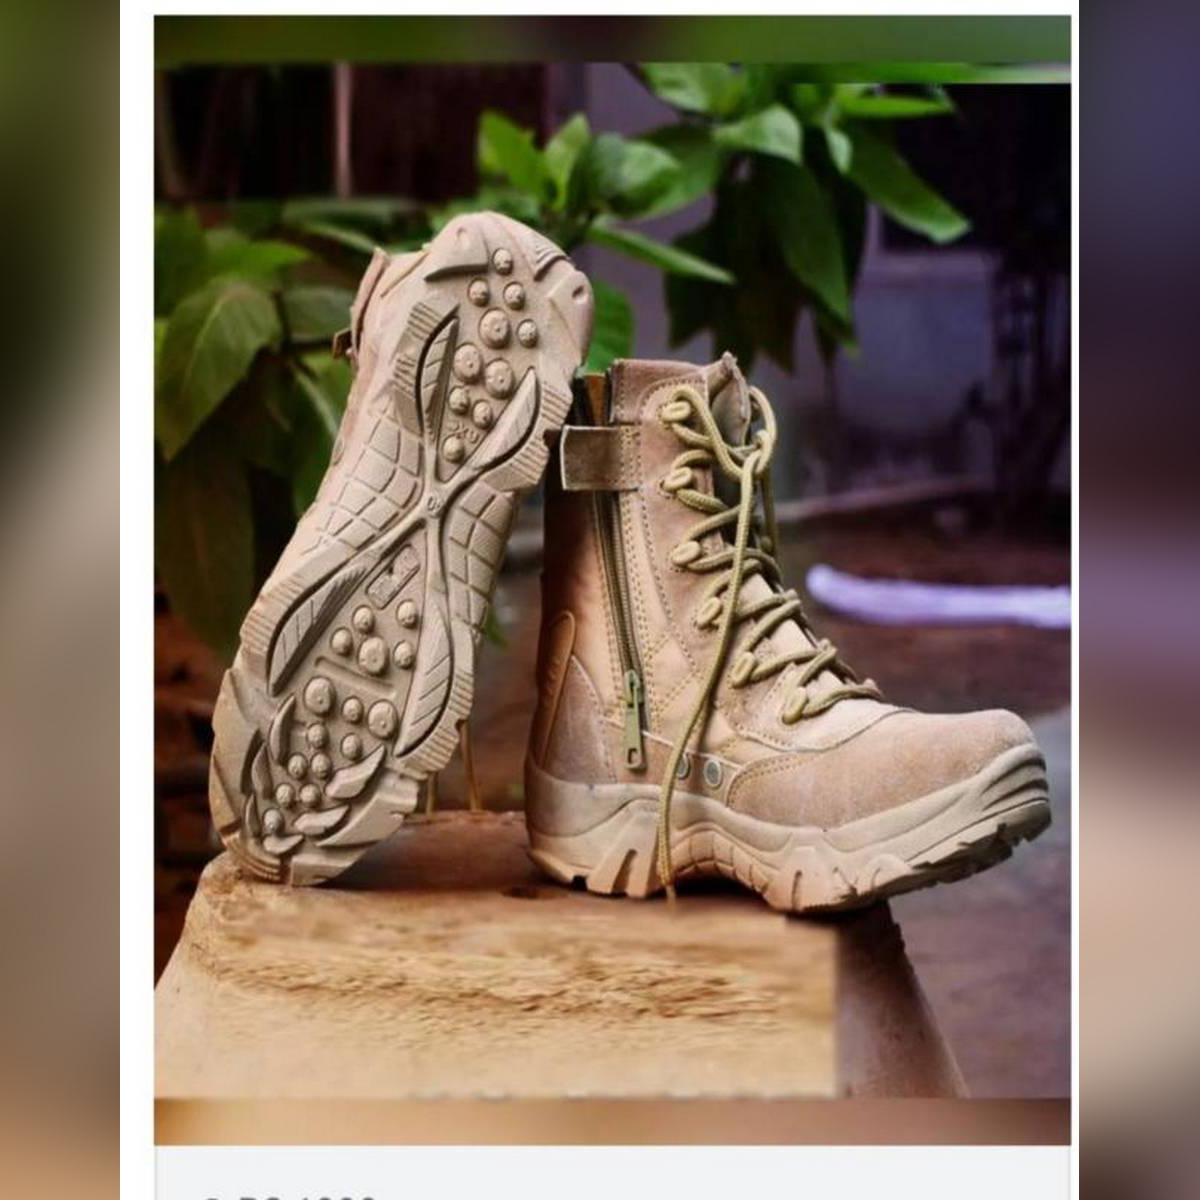 Army Full Camel Boot For Men